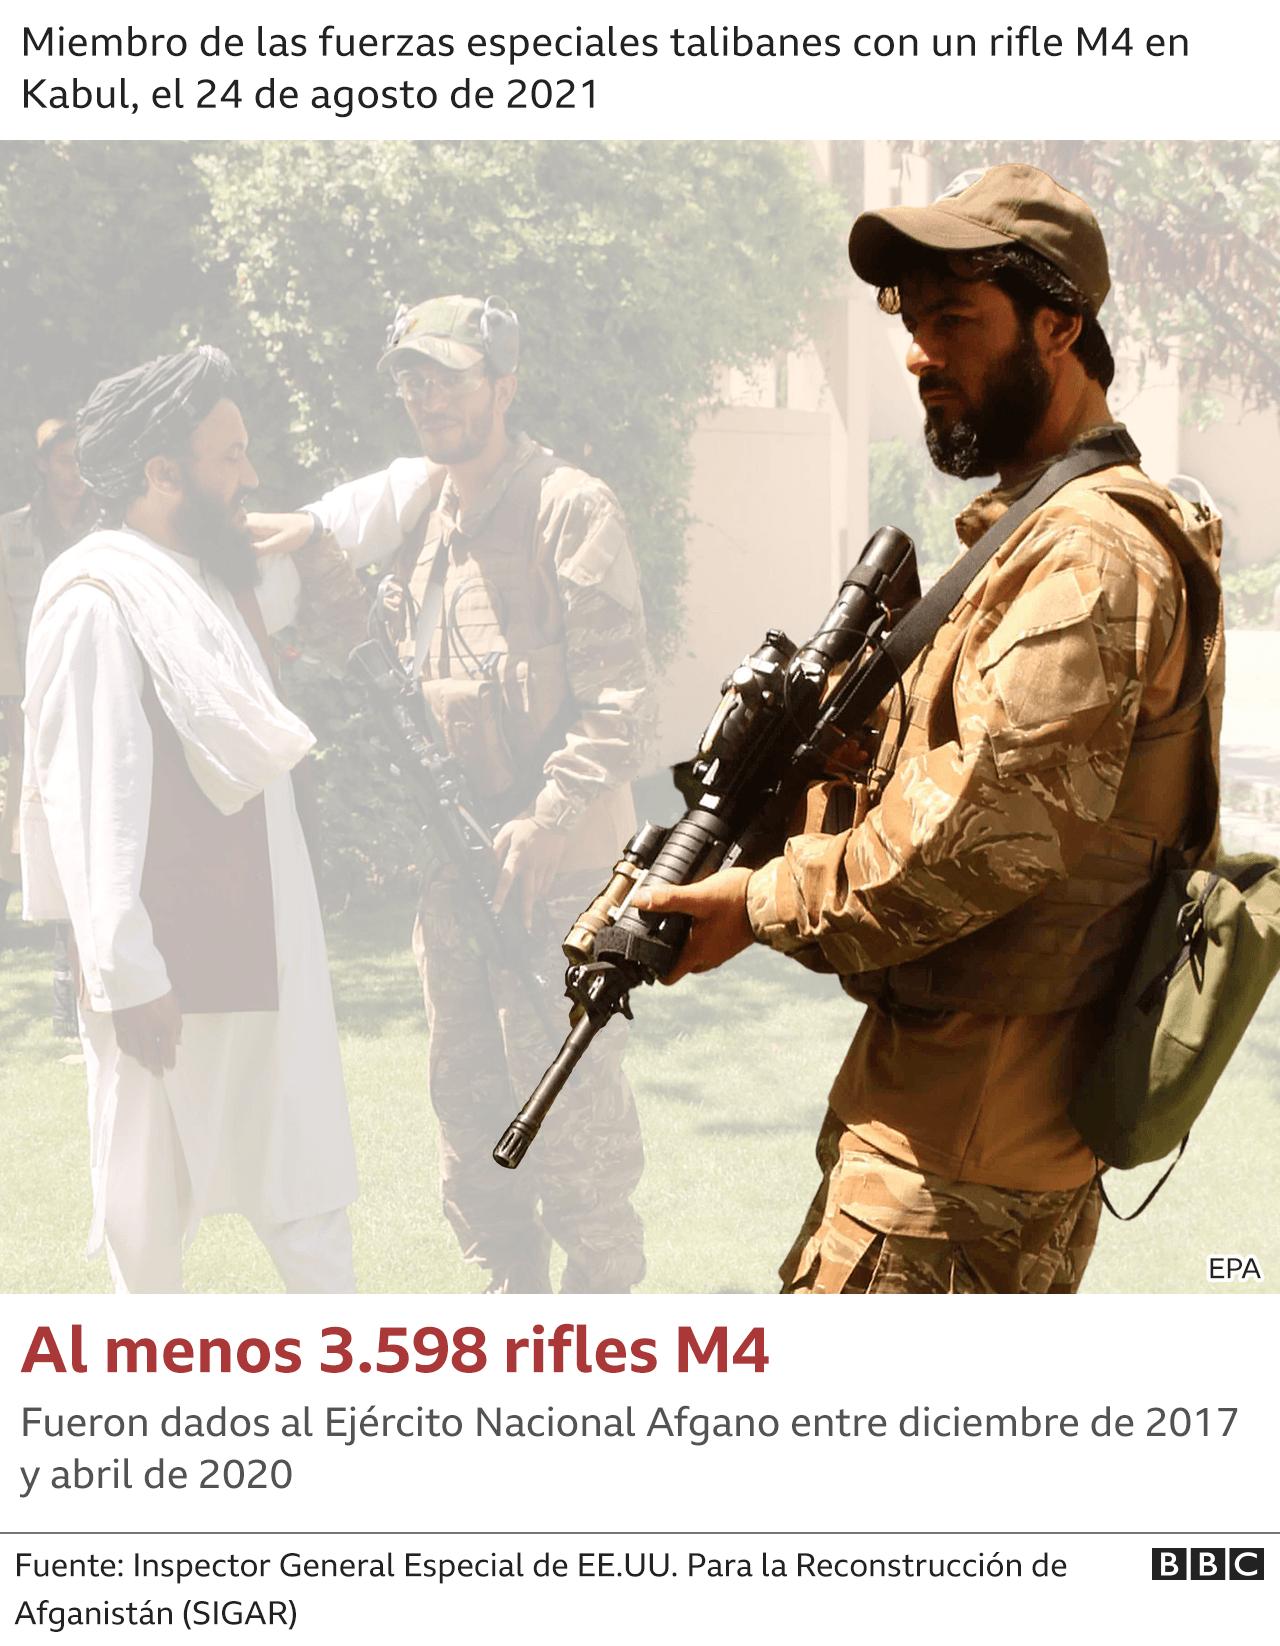 Combatiente taliban